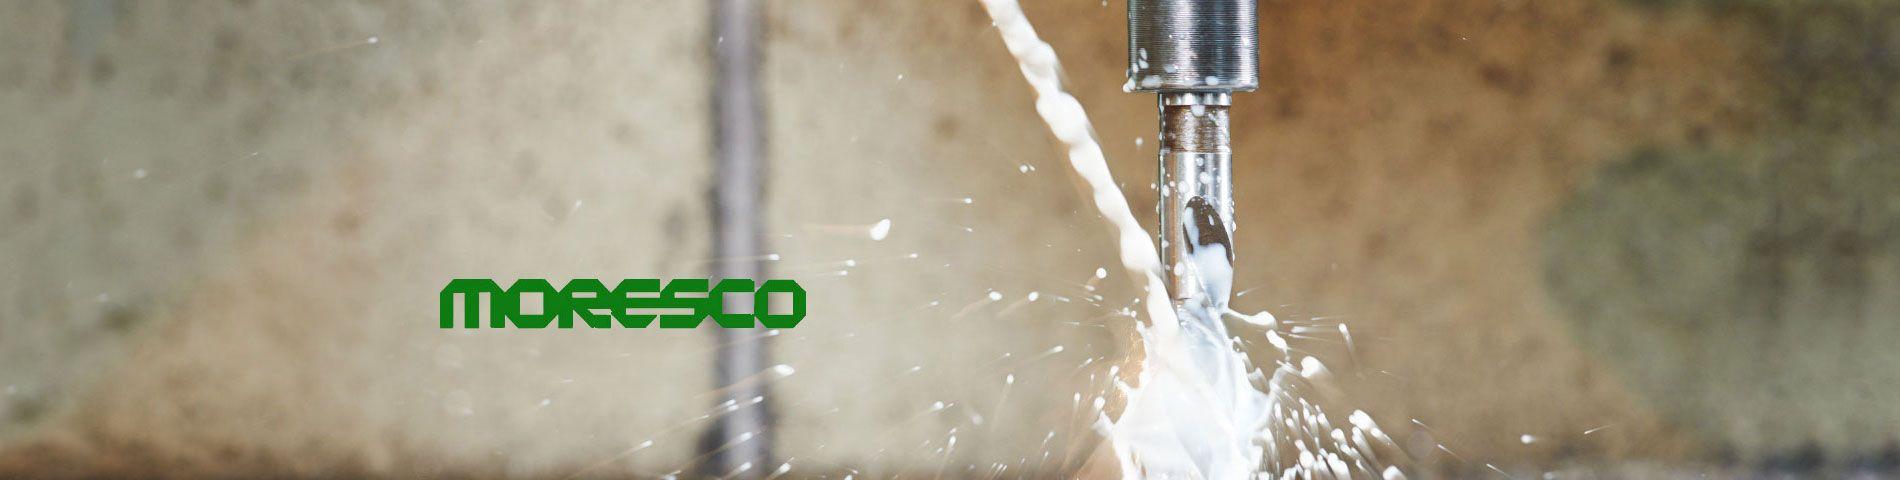 Schmierbedarf Moresco-Öl